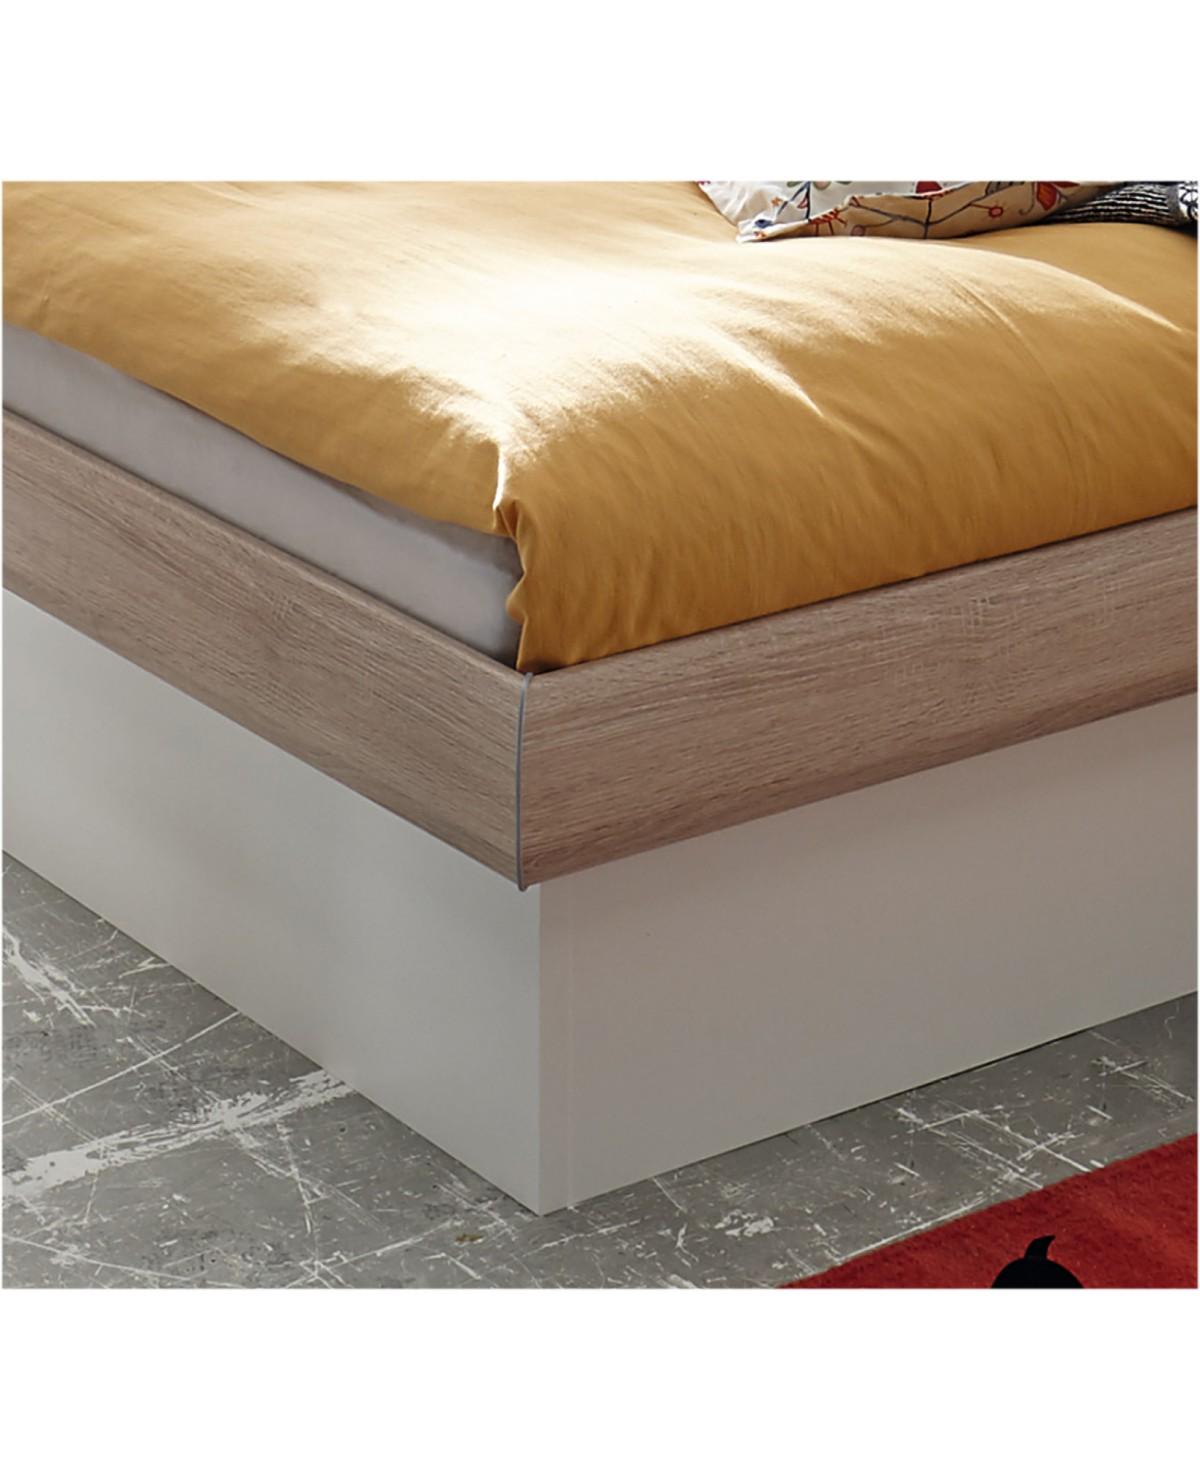 Full Size of Bett 200x200 Weiß Mit Bettkasten Betten Stauraum Komforthöhe Wohnzimmer Stauraumbett 200x200